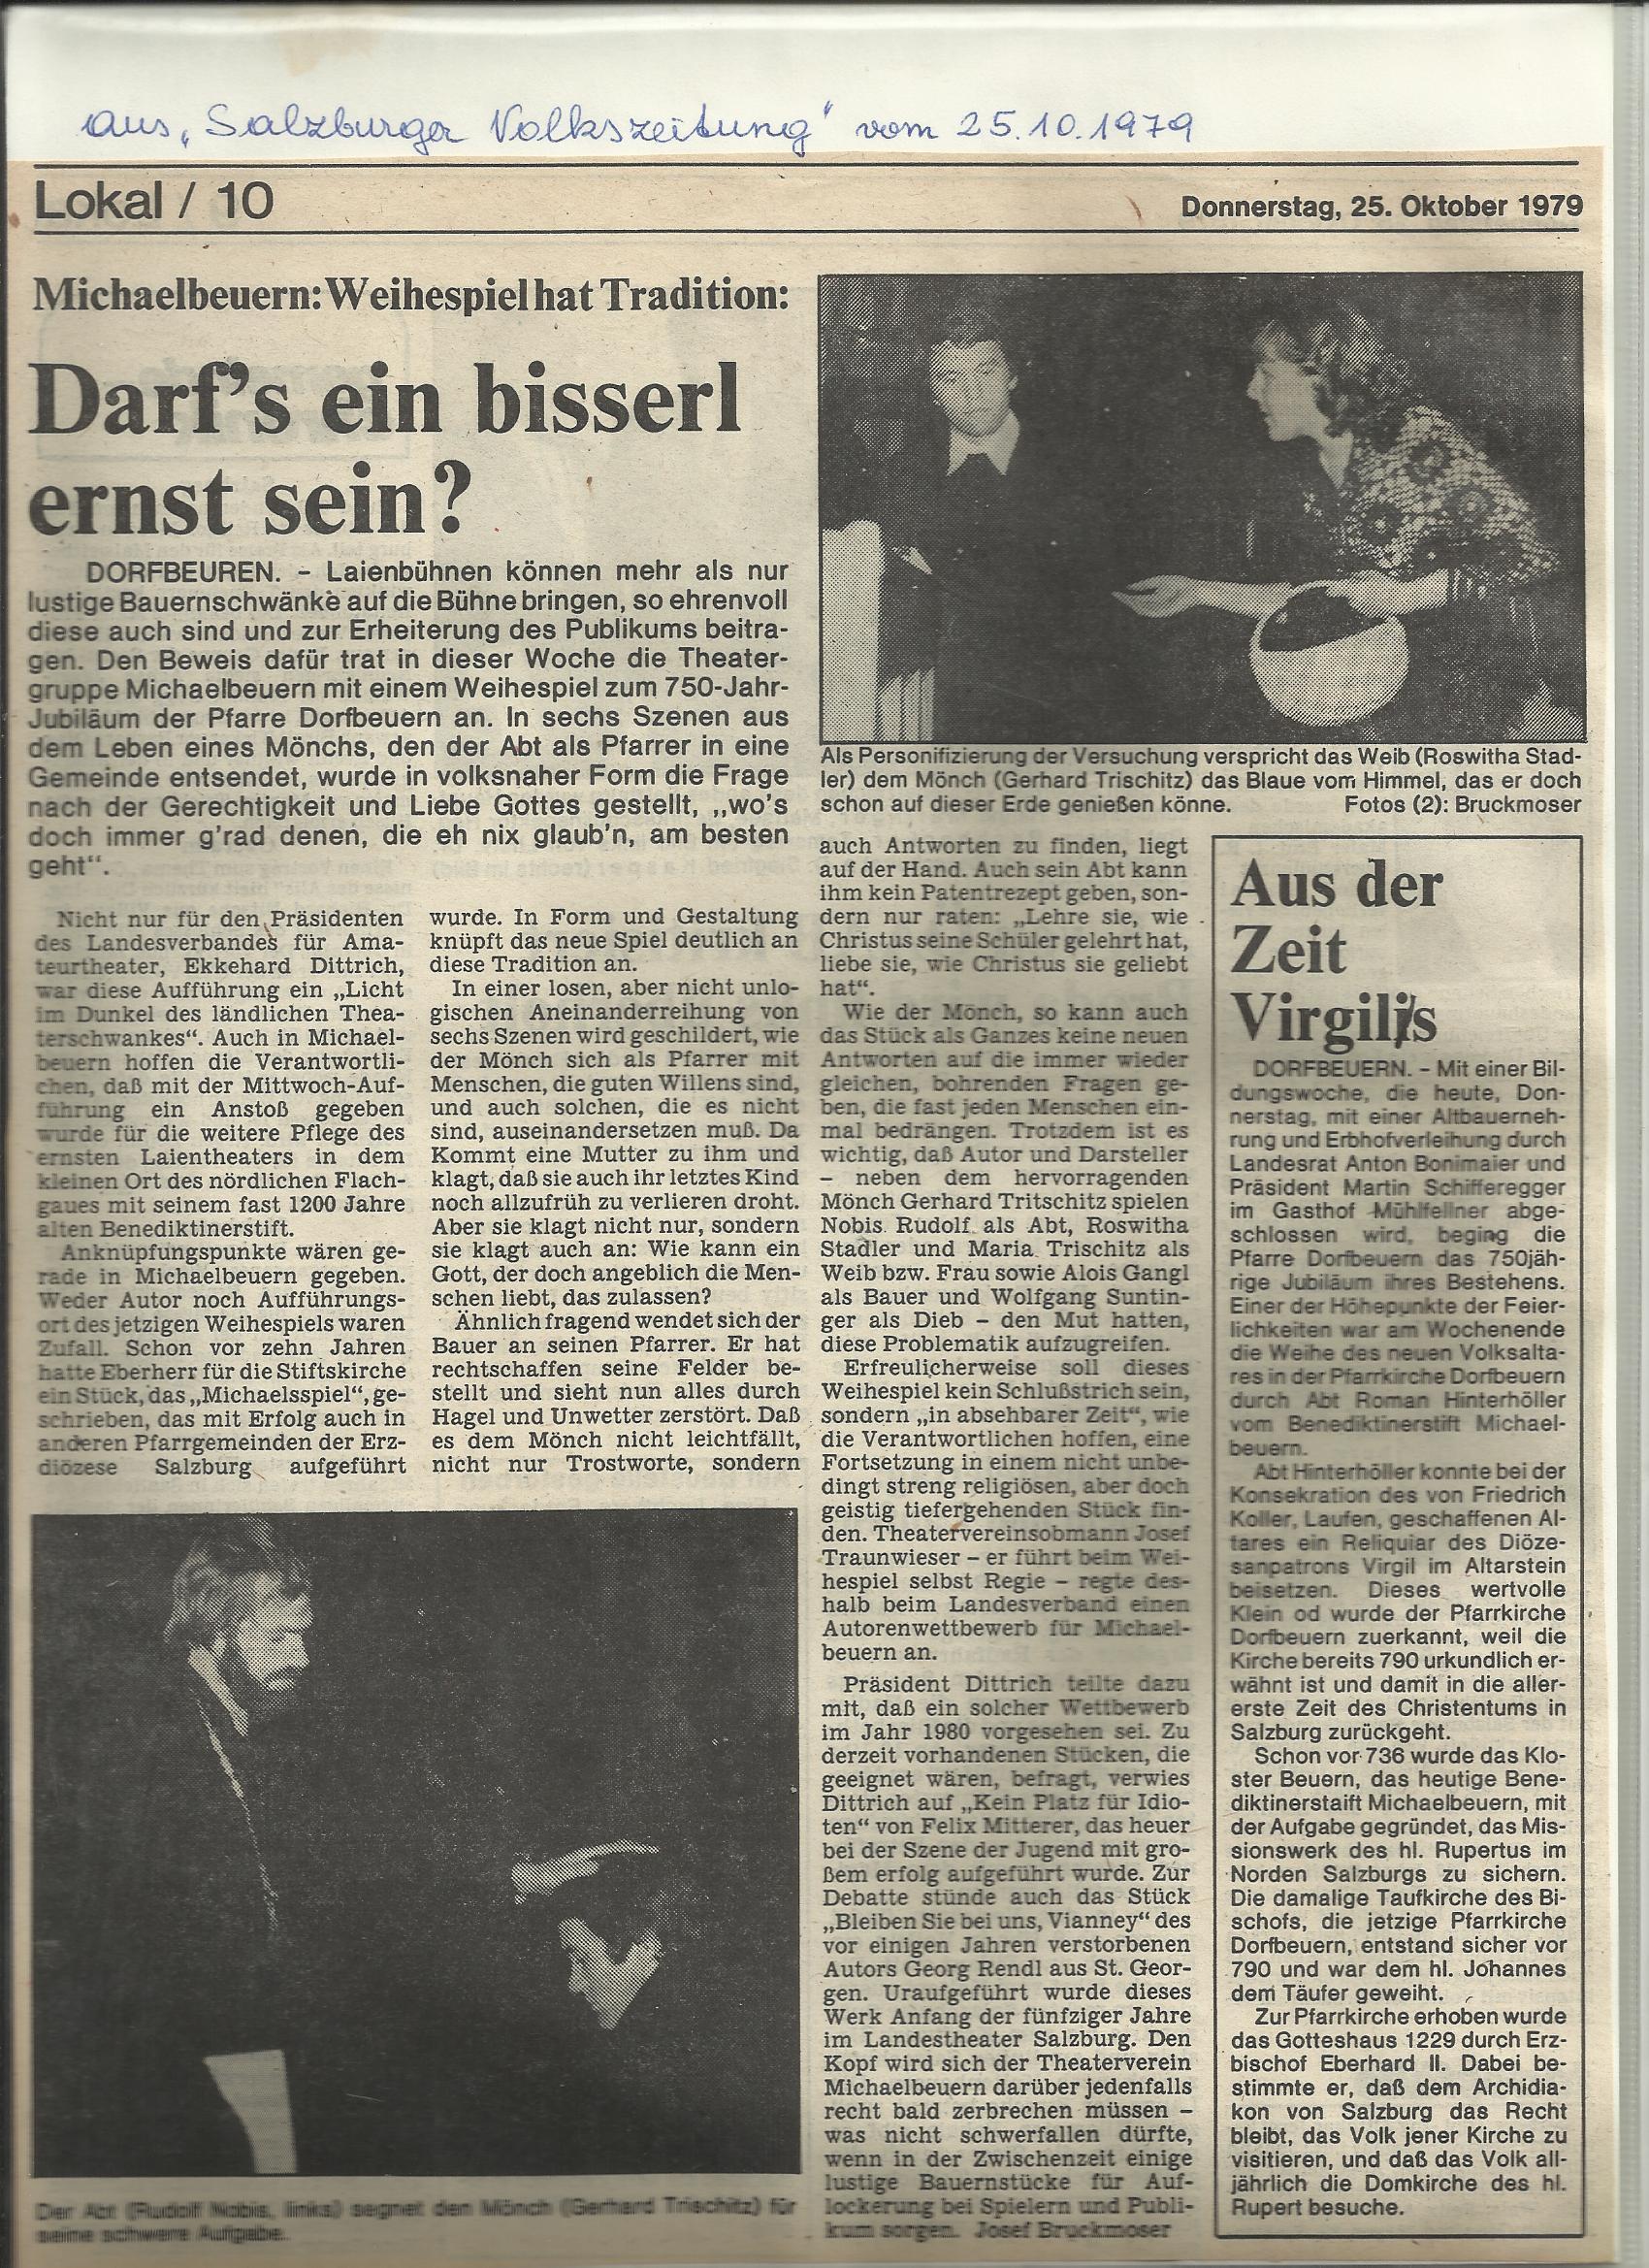 TV 1979 Weihespiel 750 Jahr Jubiläum0005